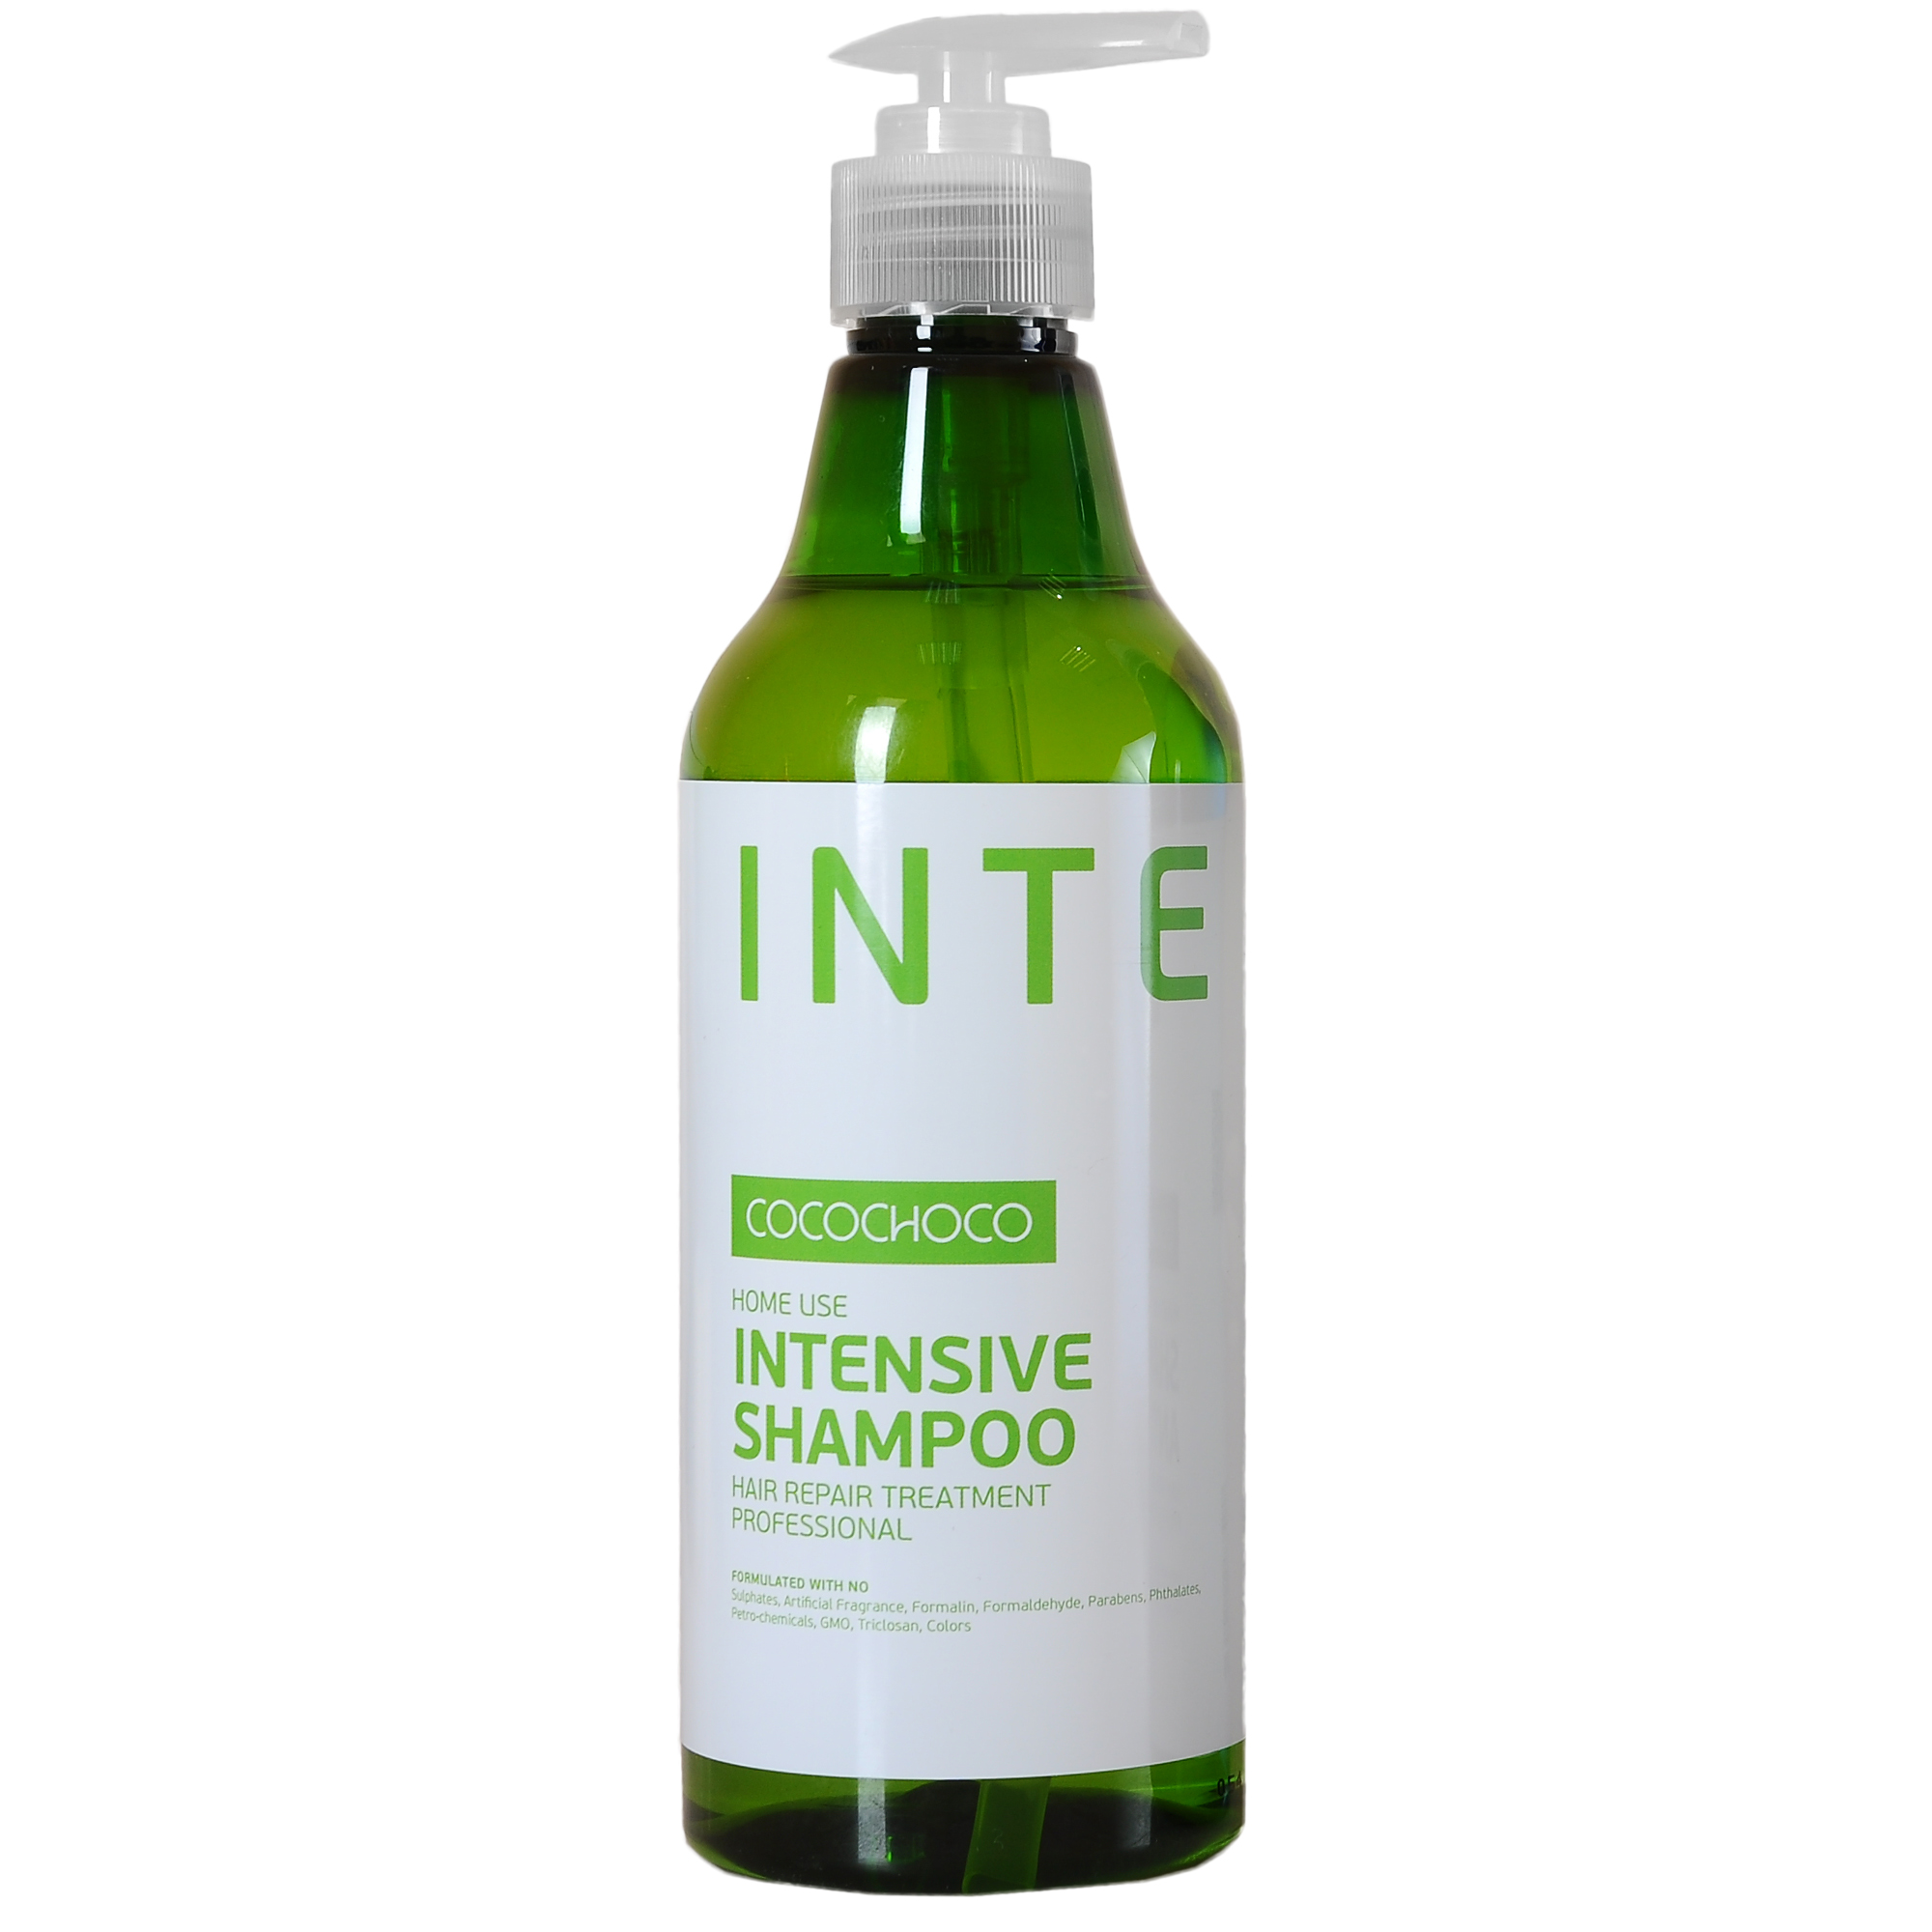 COCOCHOCO Шампунь для интенсивного увлажнения / INTENSIVE 500 млШампуни<br>Шампунь Intensive Shampoo для интенсивного увлажнения и ухода за сухими и повреждёнными волосами. Глубоко проникает в структуру волоса, питает от корней до самых кончиков, устраняет и предотвращает ломкость, облегчает расчёсывание. Идеально подходит как средство ухода после процедуры кератинового восстановления волос. Способ применения: нанесите на влажные волосы массируя, равномерно распределите по волосам. Добавьте еще немного воды и помассируйте снова. Оставьте на 1-2 минуты. Тщательно смойте и повторите при необходимости. Активные ингредиенты: KERAMIMIC  натуральный кватернизированный кератин, технология биомиметики воссоздает материю волоса, восстанавливает полипиптидные цепочки, саморегулируемая формула. MIRUSTYLE  снижает пушистость, придает гладкость волосам, отлично работает как на прямых, так и на вьющихся волосах. LUSTRAPLEX  интенсивный компонент глубокого действия, распутывает волосы и облегчает расчесывание, придает сияние и блеск.<br><br>Объем: 500 мл<br>Вид средства для волос: Кератиновая